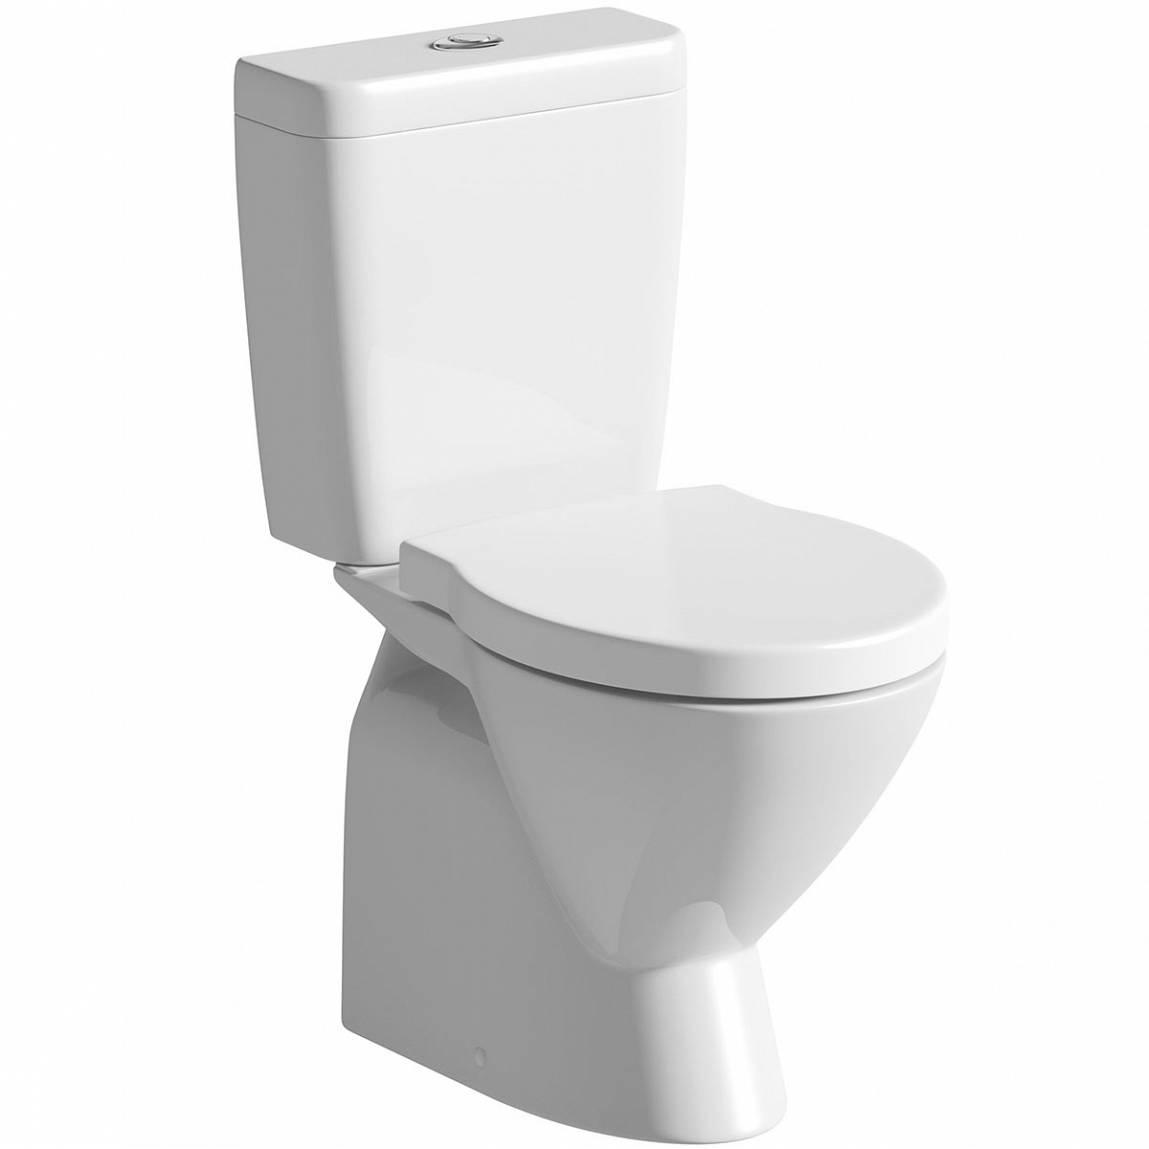 Image of Ancona Close Coupled Toilet Inc Luxury Toilet Seat PLUS Pushfit Valve